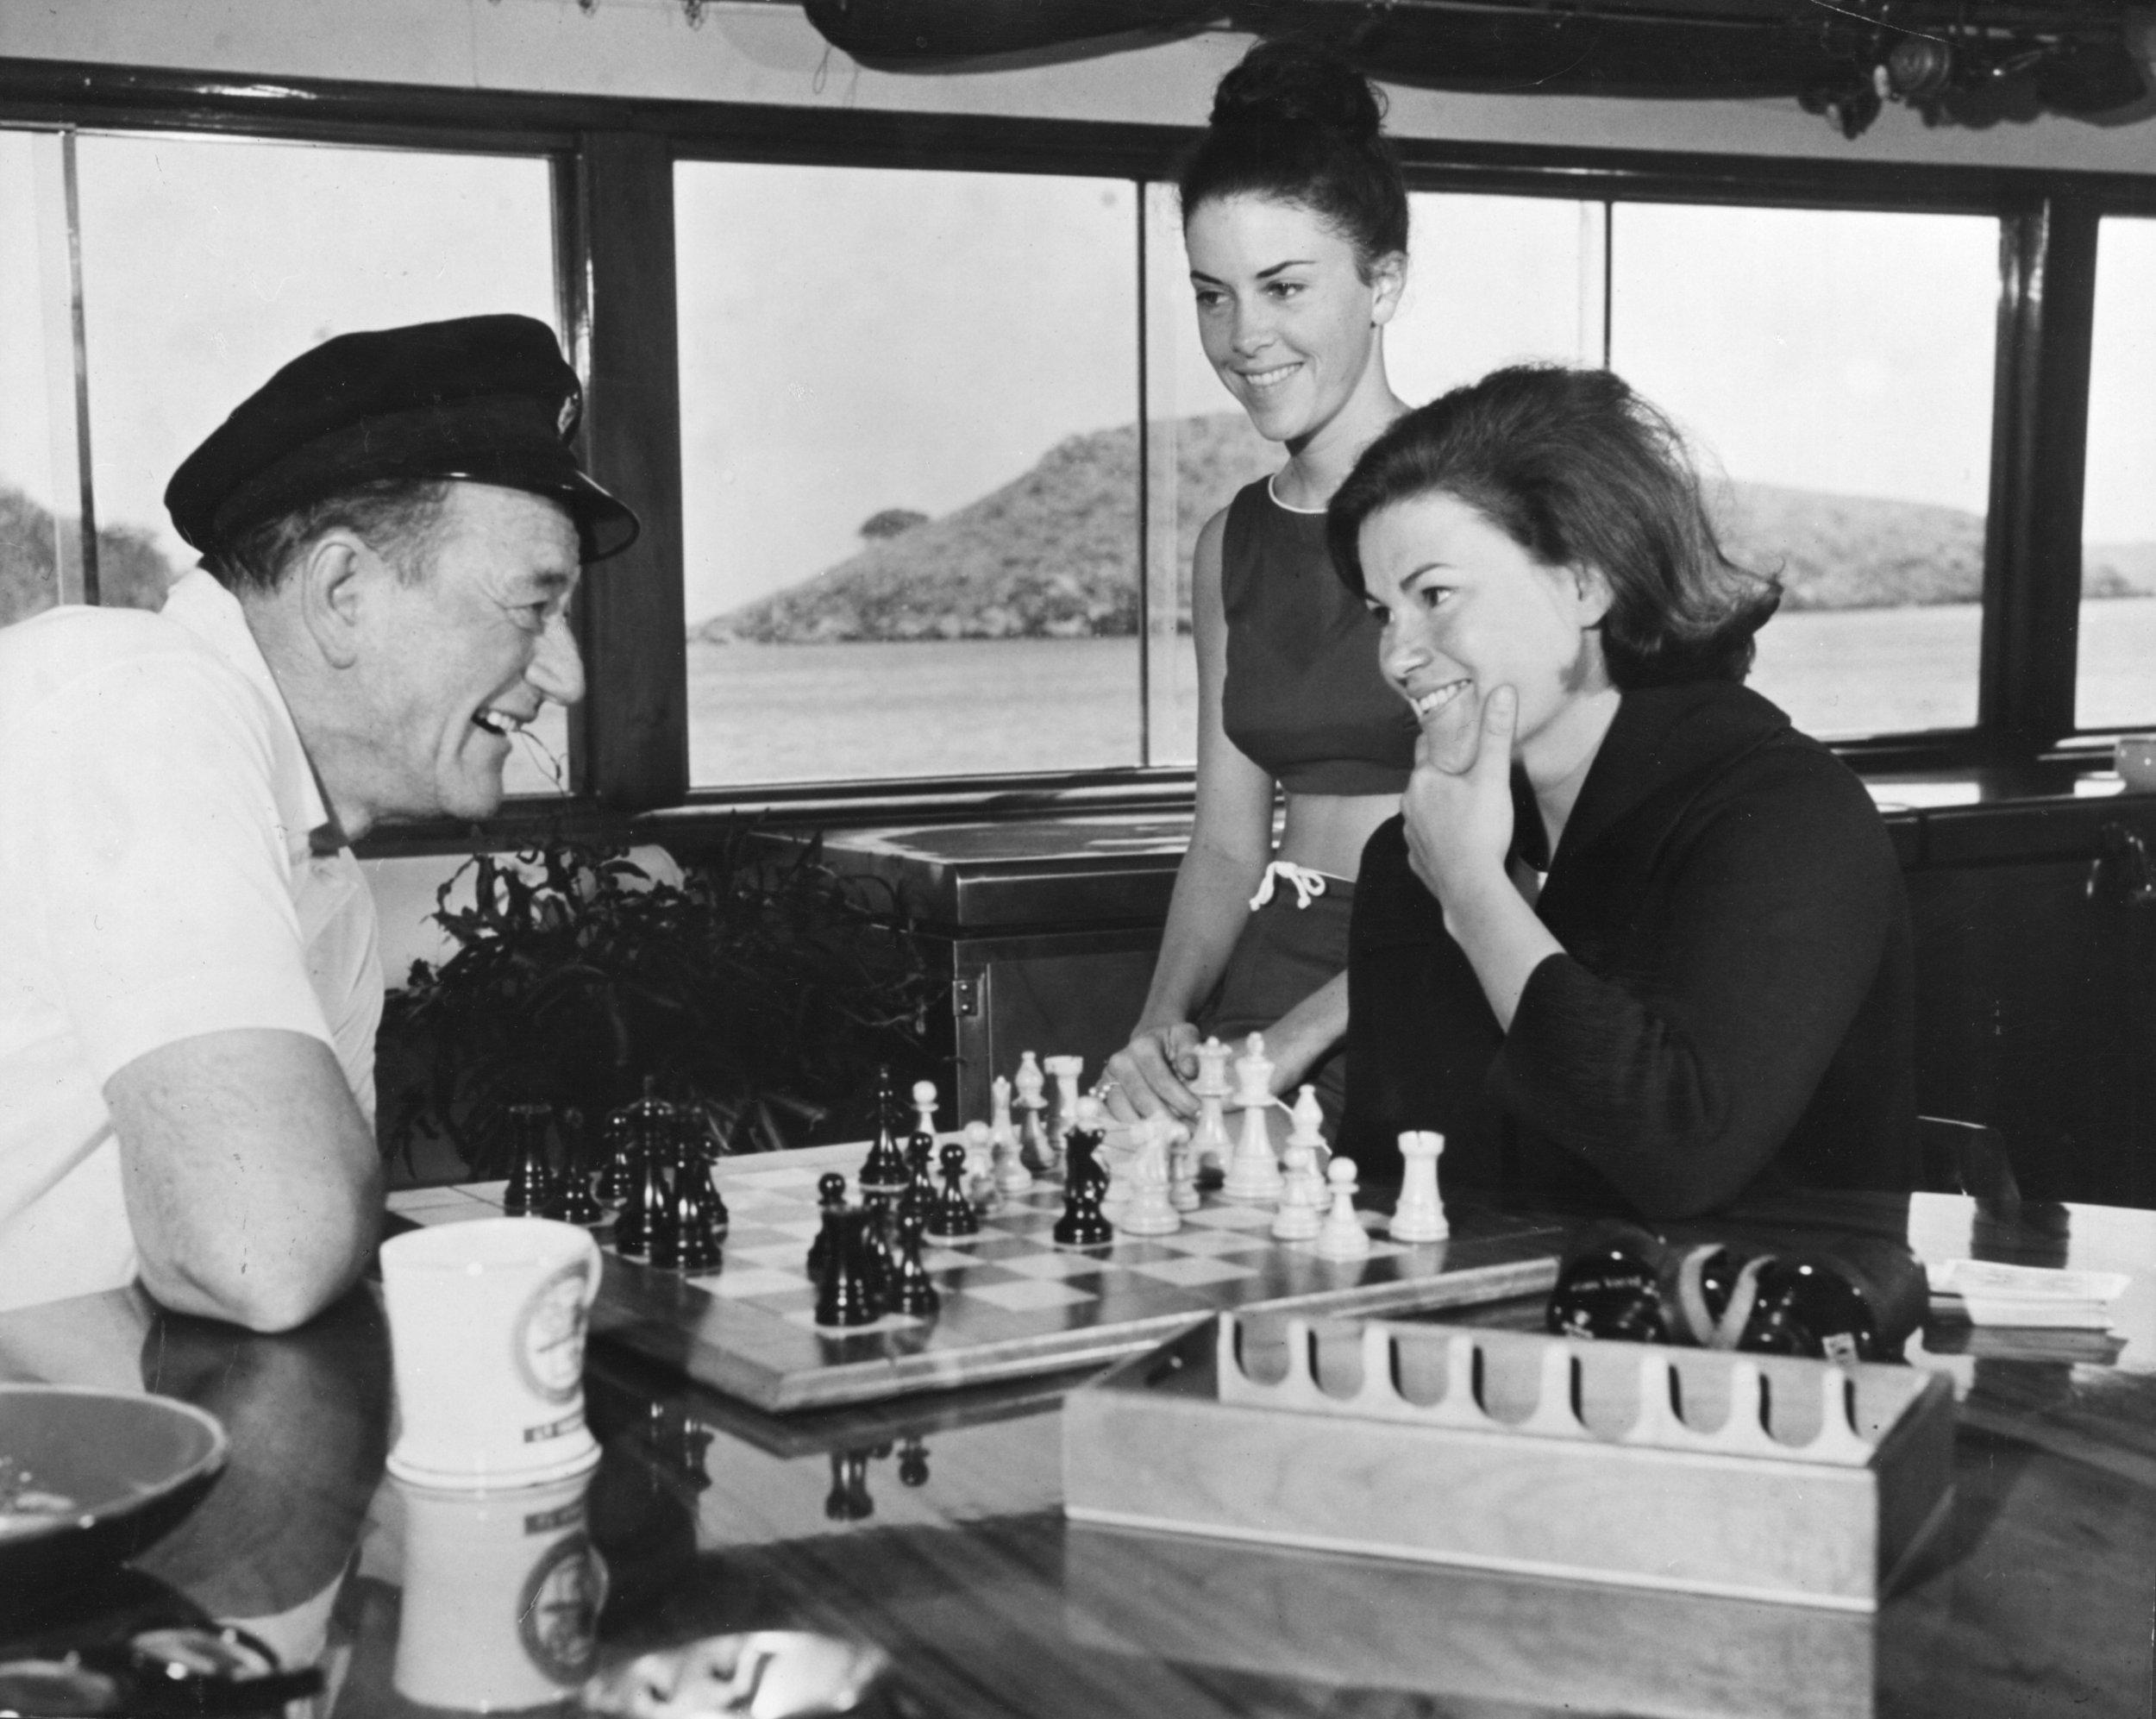 John Wayne with his daughter Melinda aboard  Wild Goose  enjoying a game of chess.